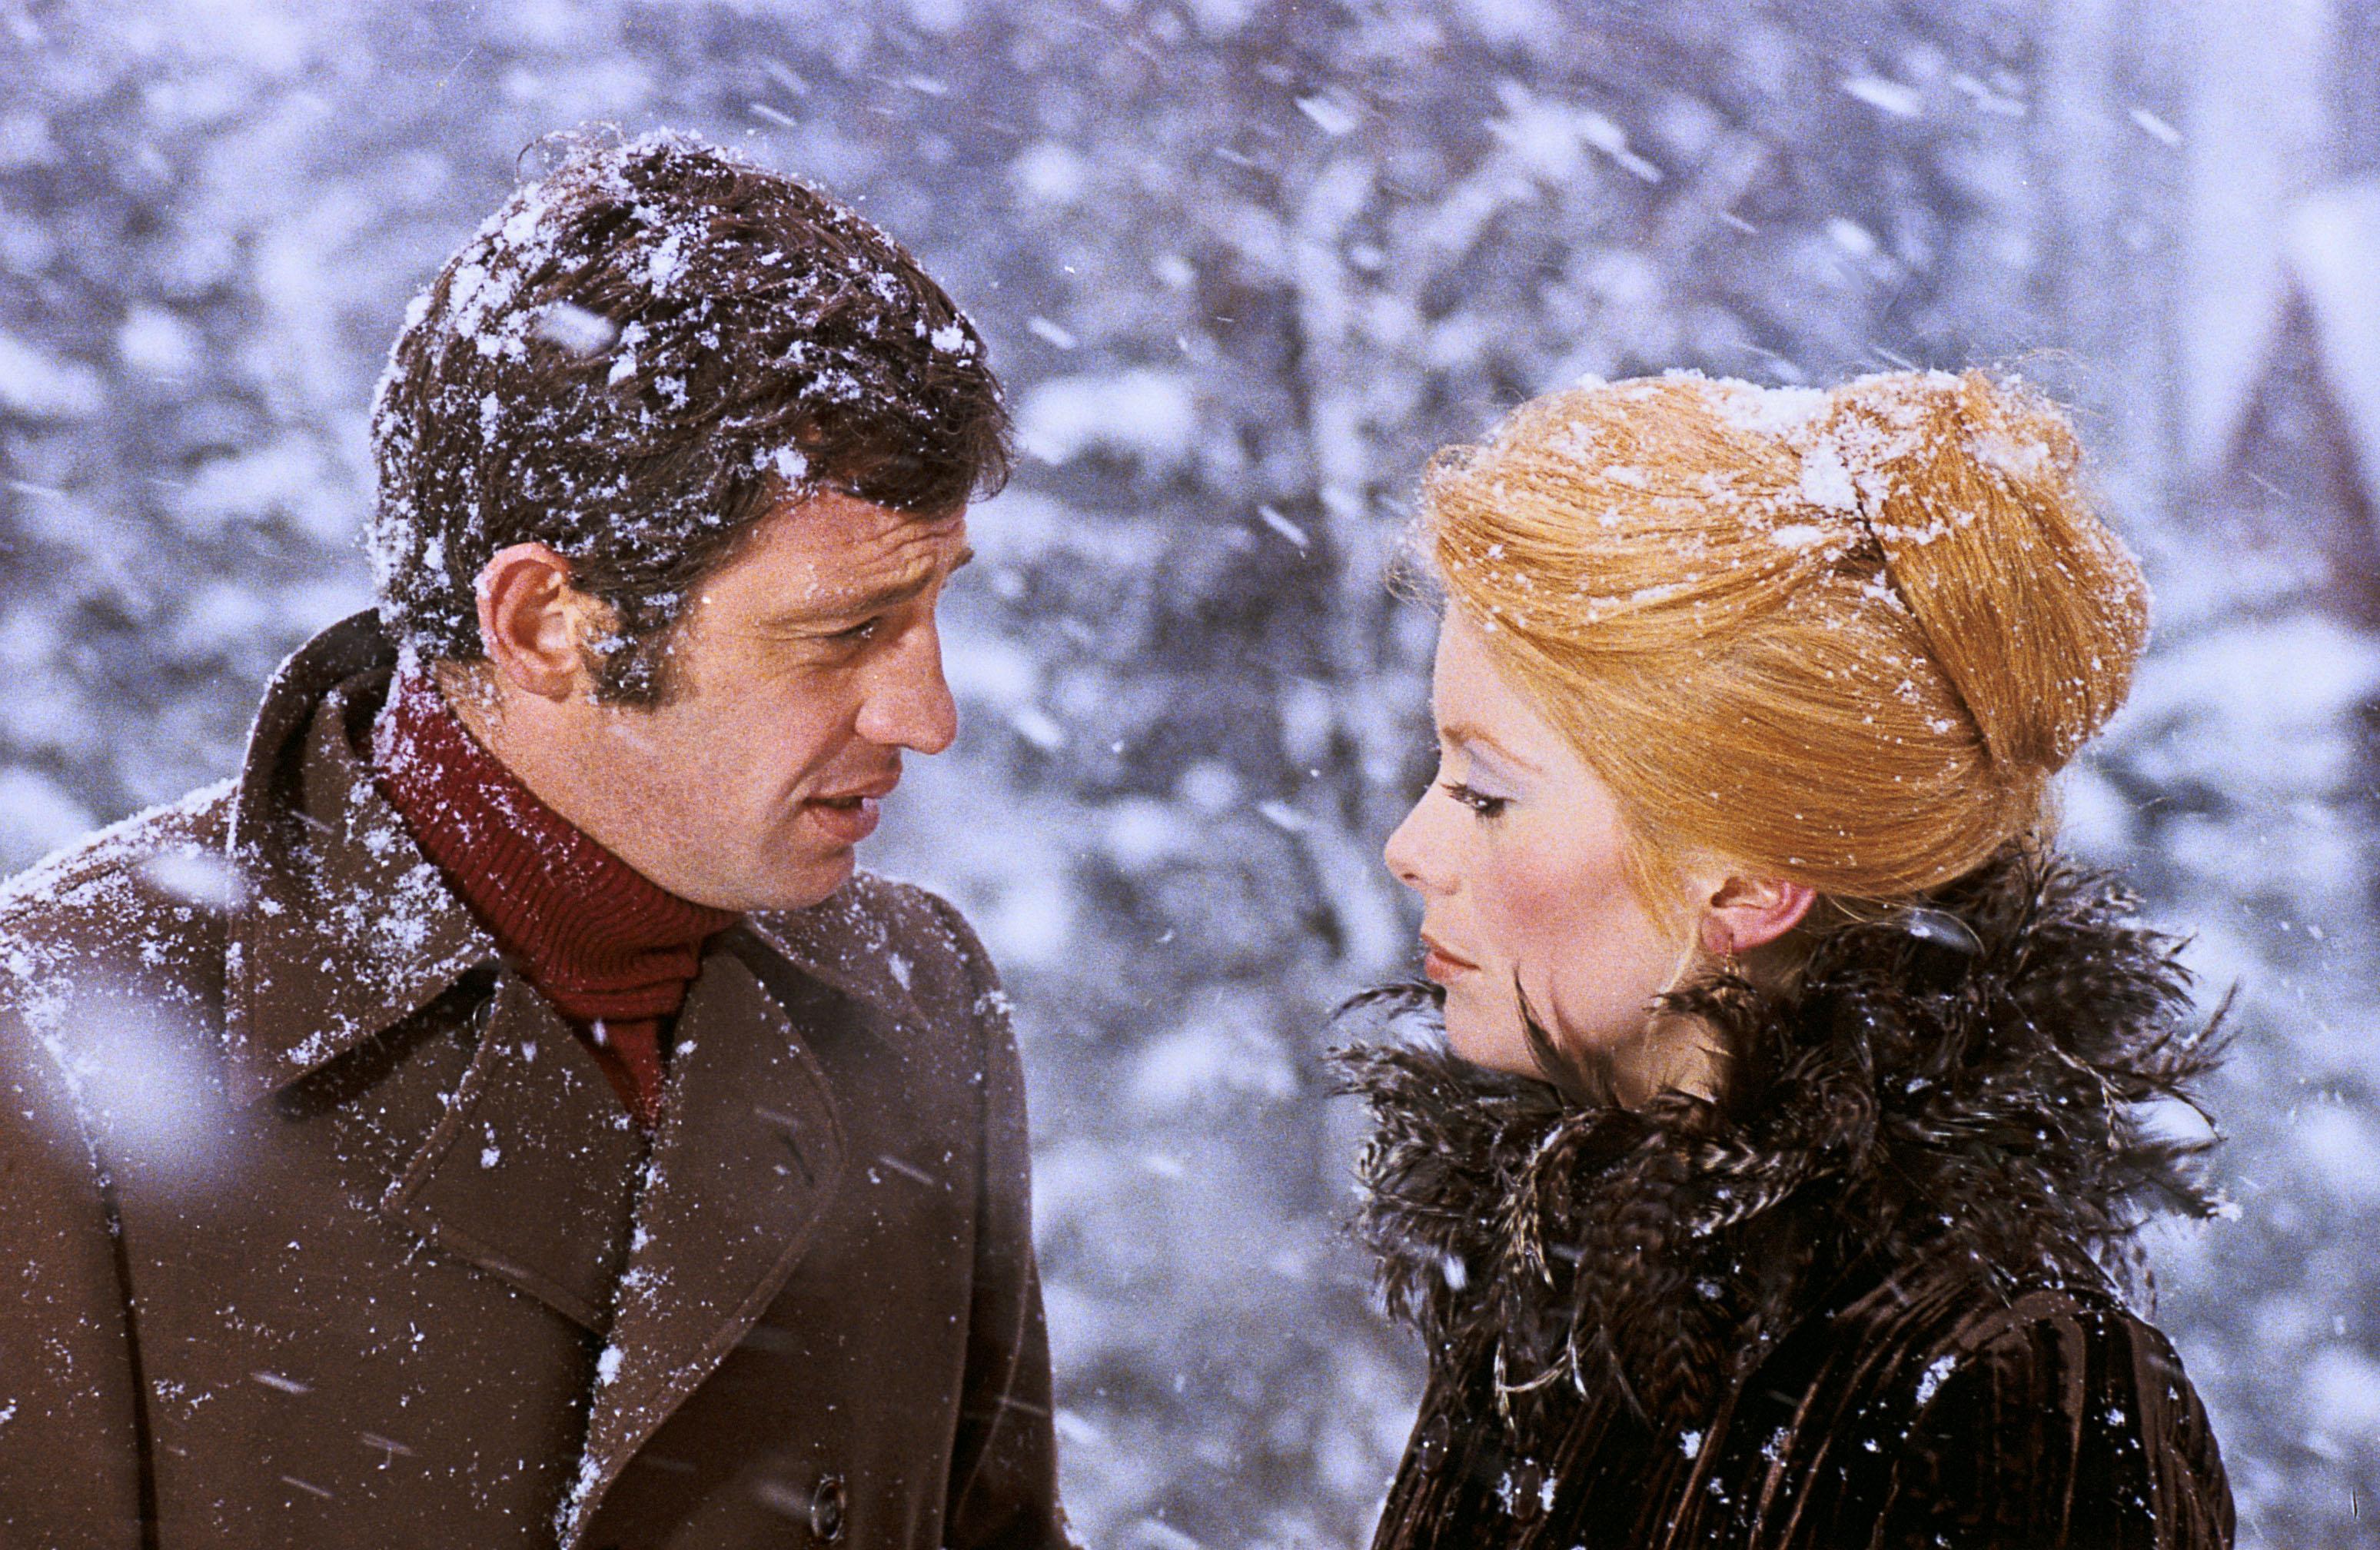 Jean-Paul Belmondo et Catherine Deneuve dans La Sirène du Mississipi de François Truffaut